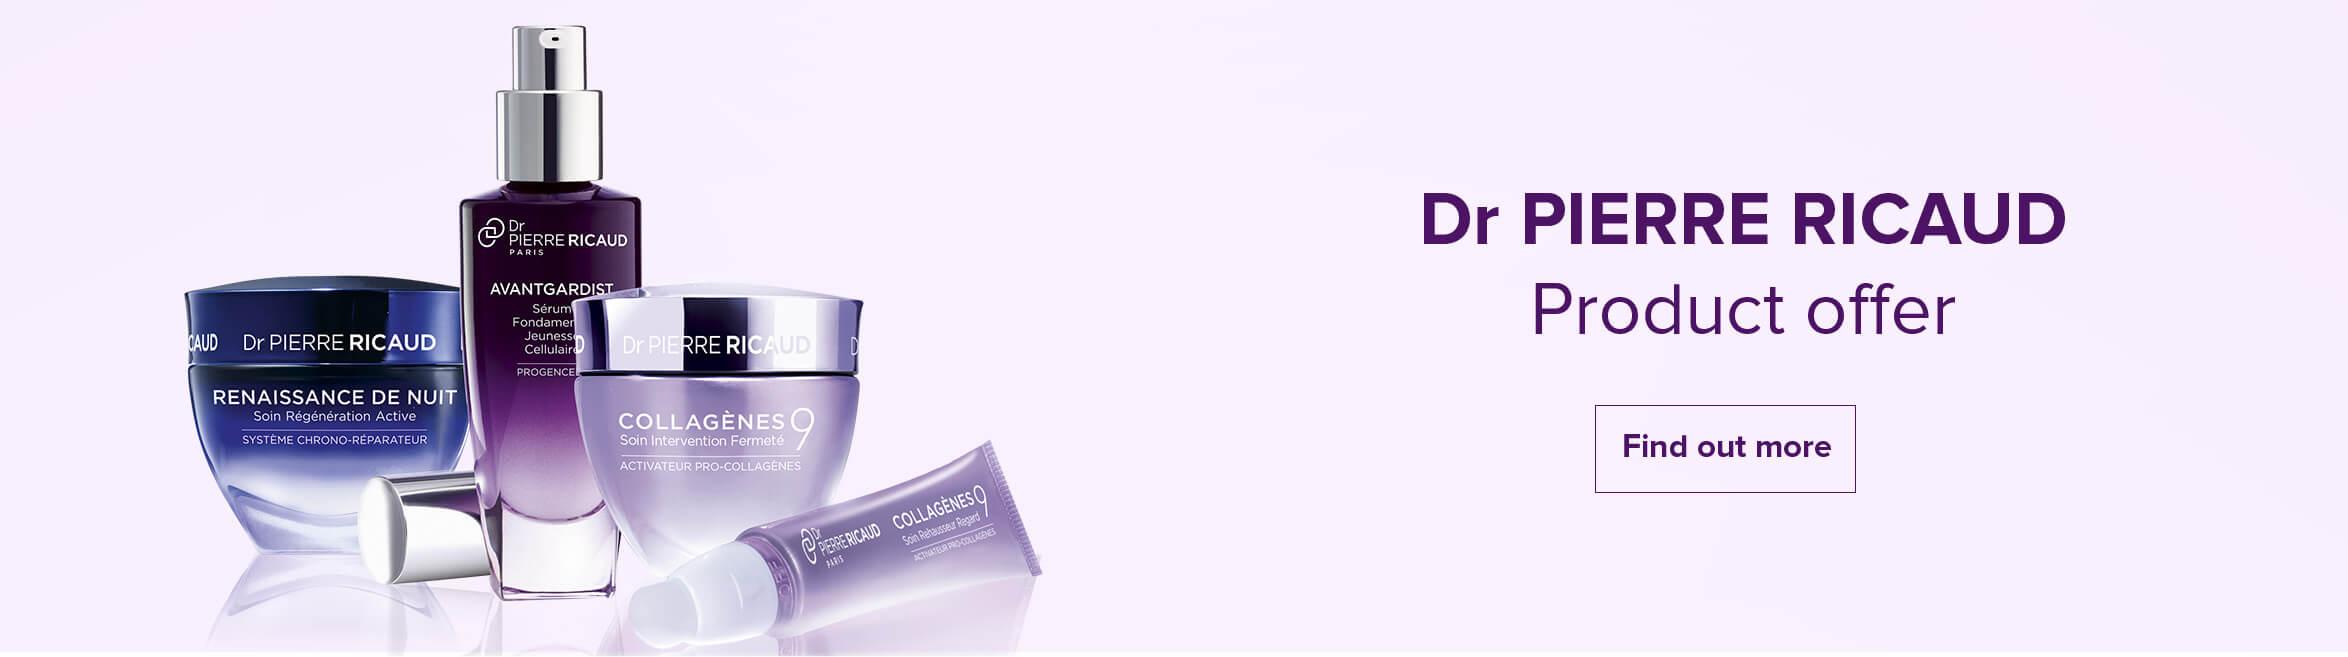 Dr Pierre Ricaud是法国Yves Rocher旗下的专业抗氧化抗衰老品牌